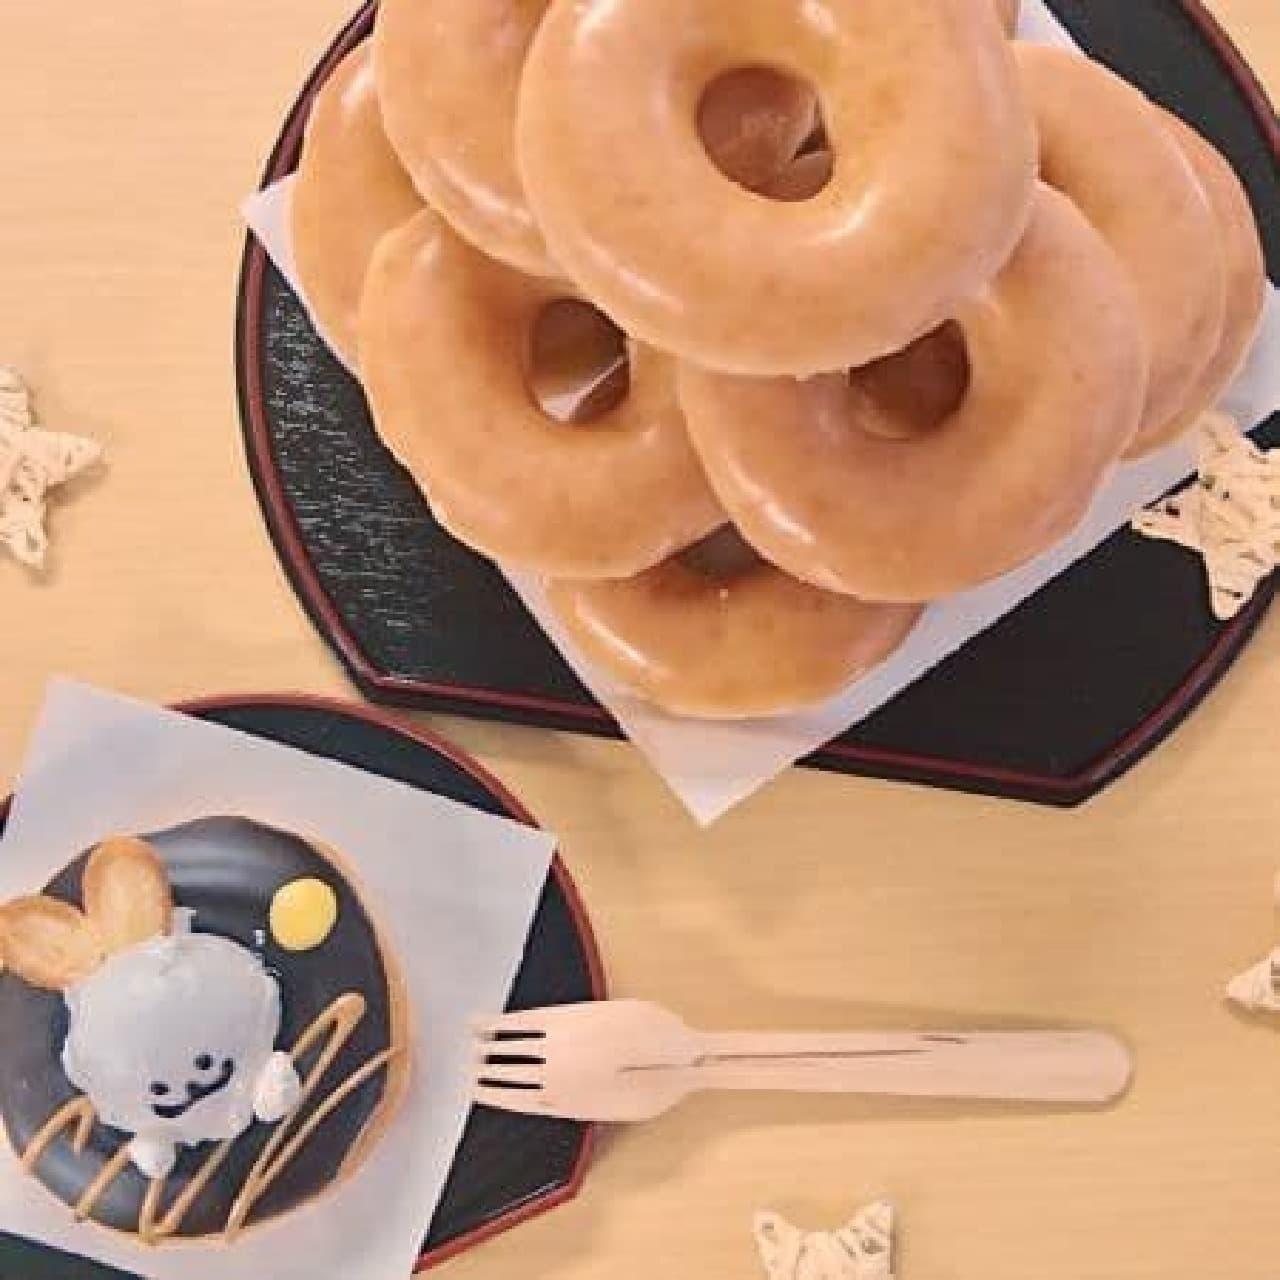 クリスピー・クリーム プレミアム お月見うさぎは、お月見するうさぎがデザインされたドーナツ